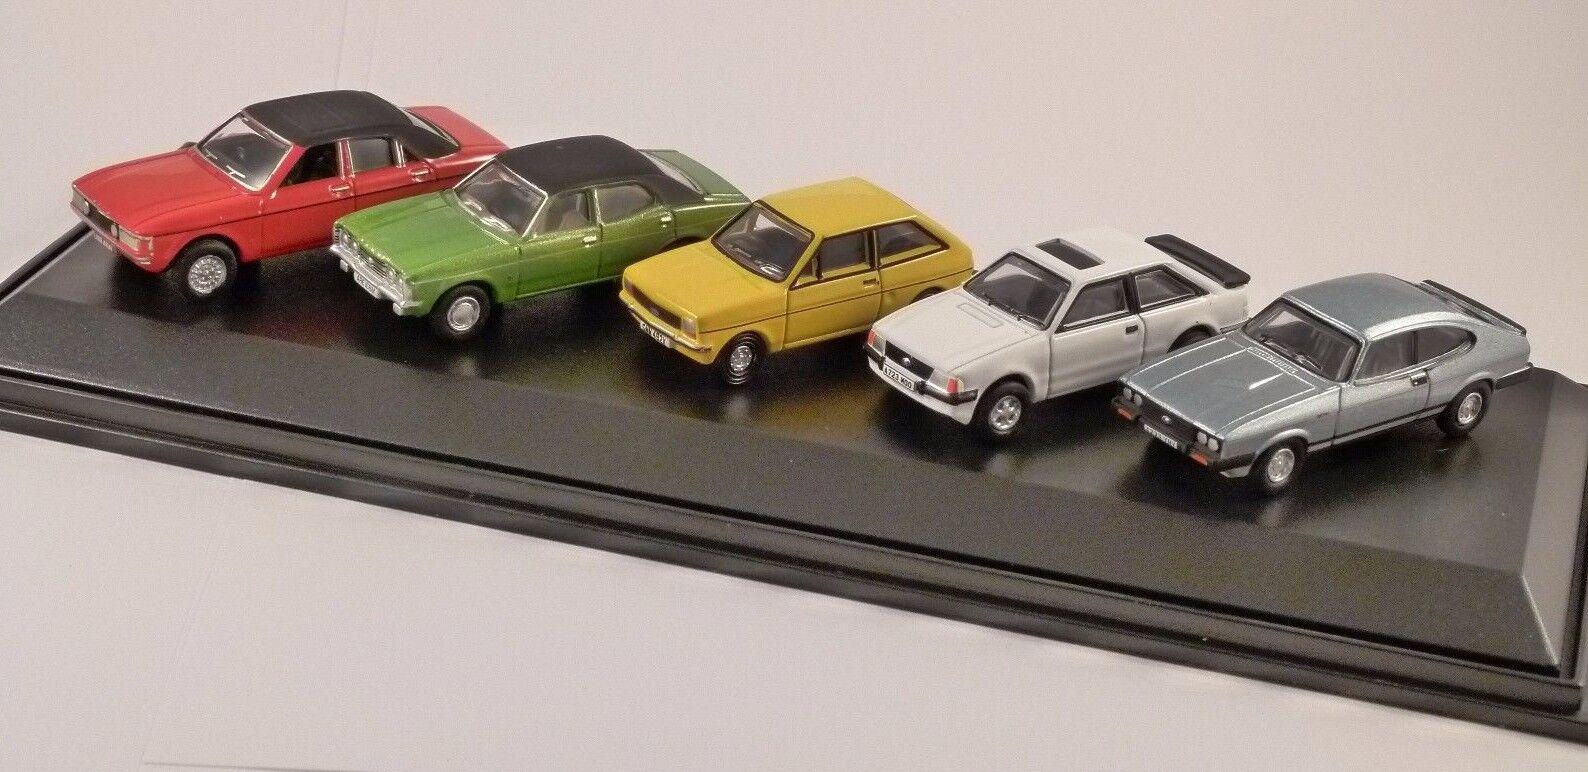 FORD 5 CAR SET - Cortina, XR3, Fiesta, Capri  1 76 scale model OXFORD DIECAST